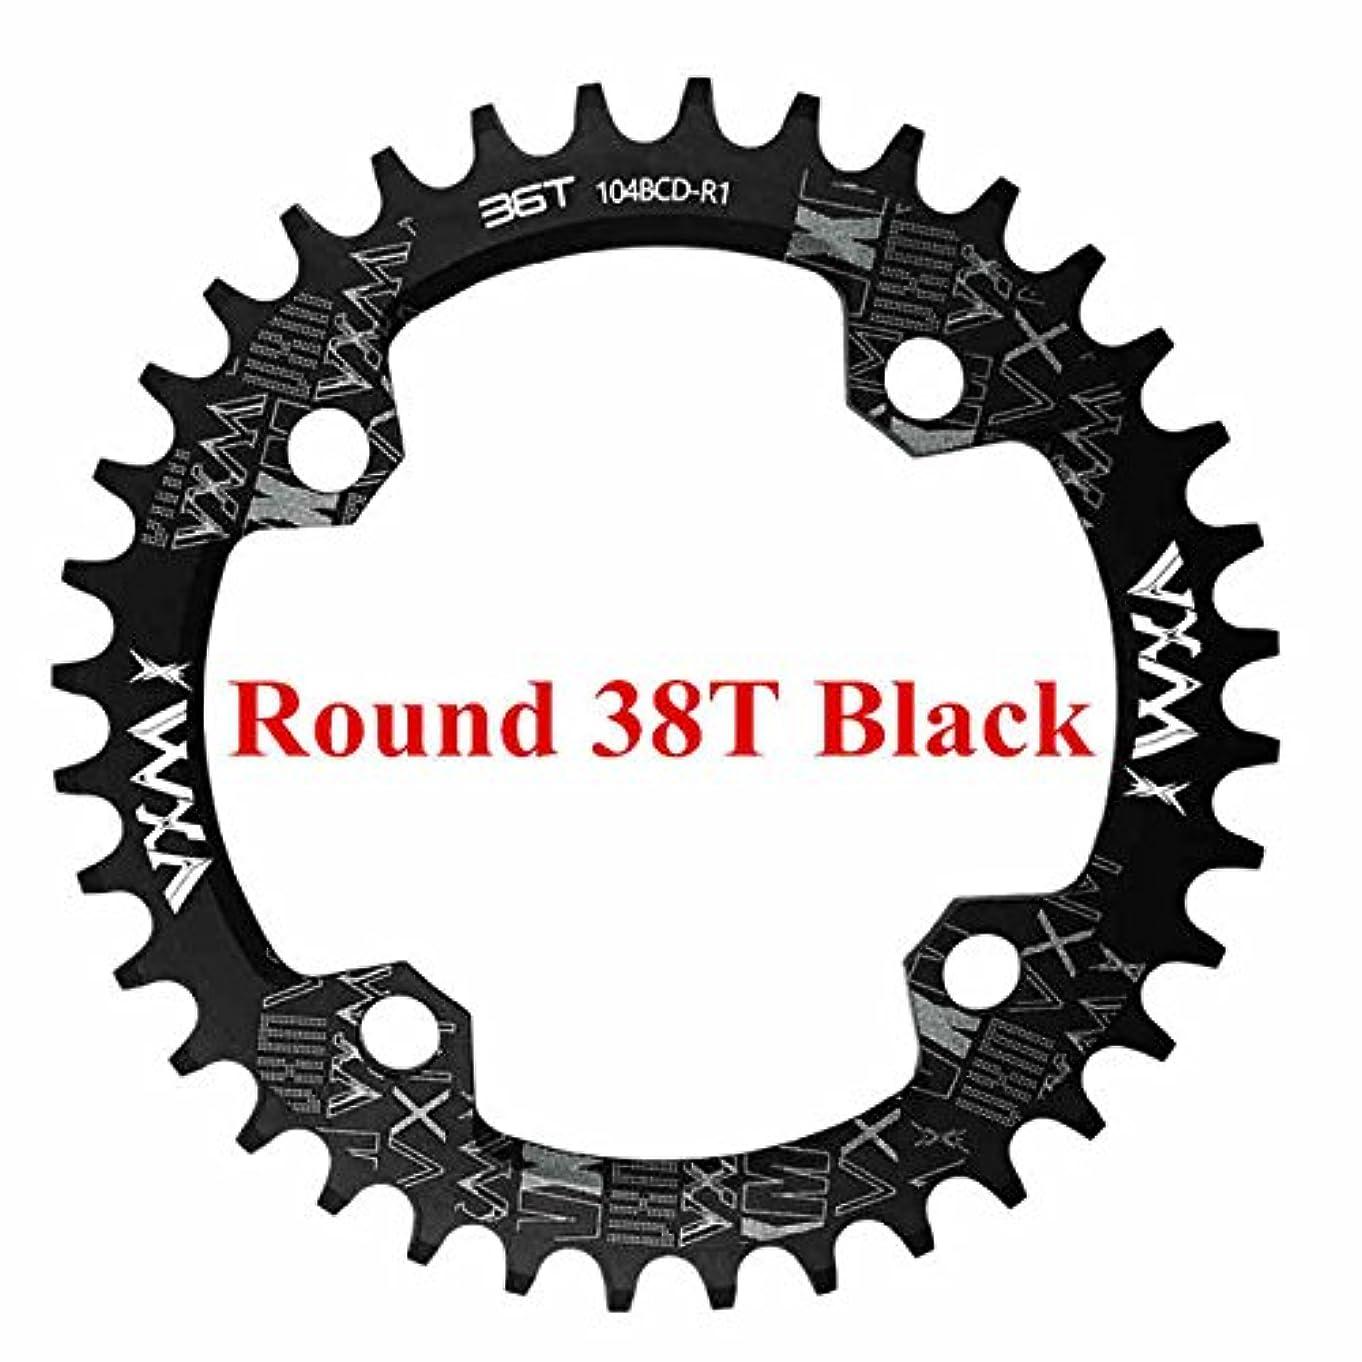 兵器庫十分な教えPropenary - 自転車104BCDクランクオーバルラウンド30T 32T 34T 36T 38T 40T 42T 44T 46T 48T 50T 52TチェーンホイールXT狭い広い自転車チェーンリング[ラウンド38Tブラック]